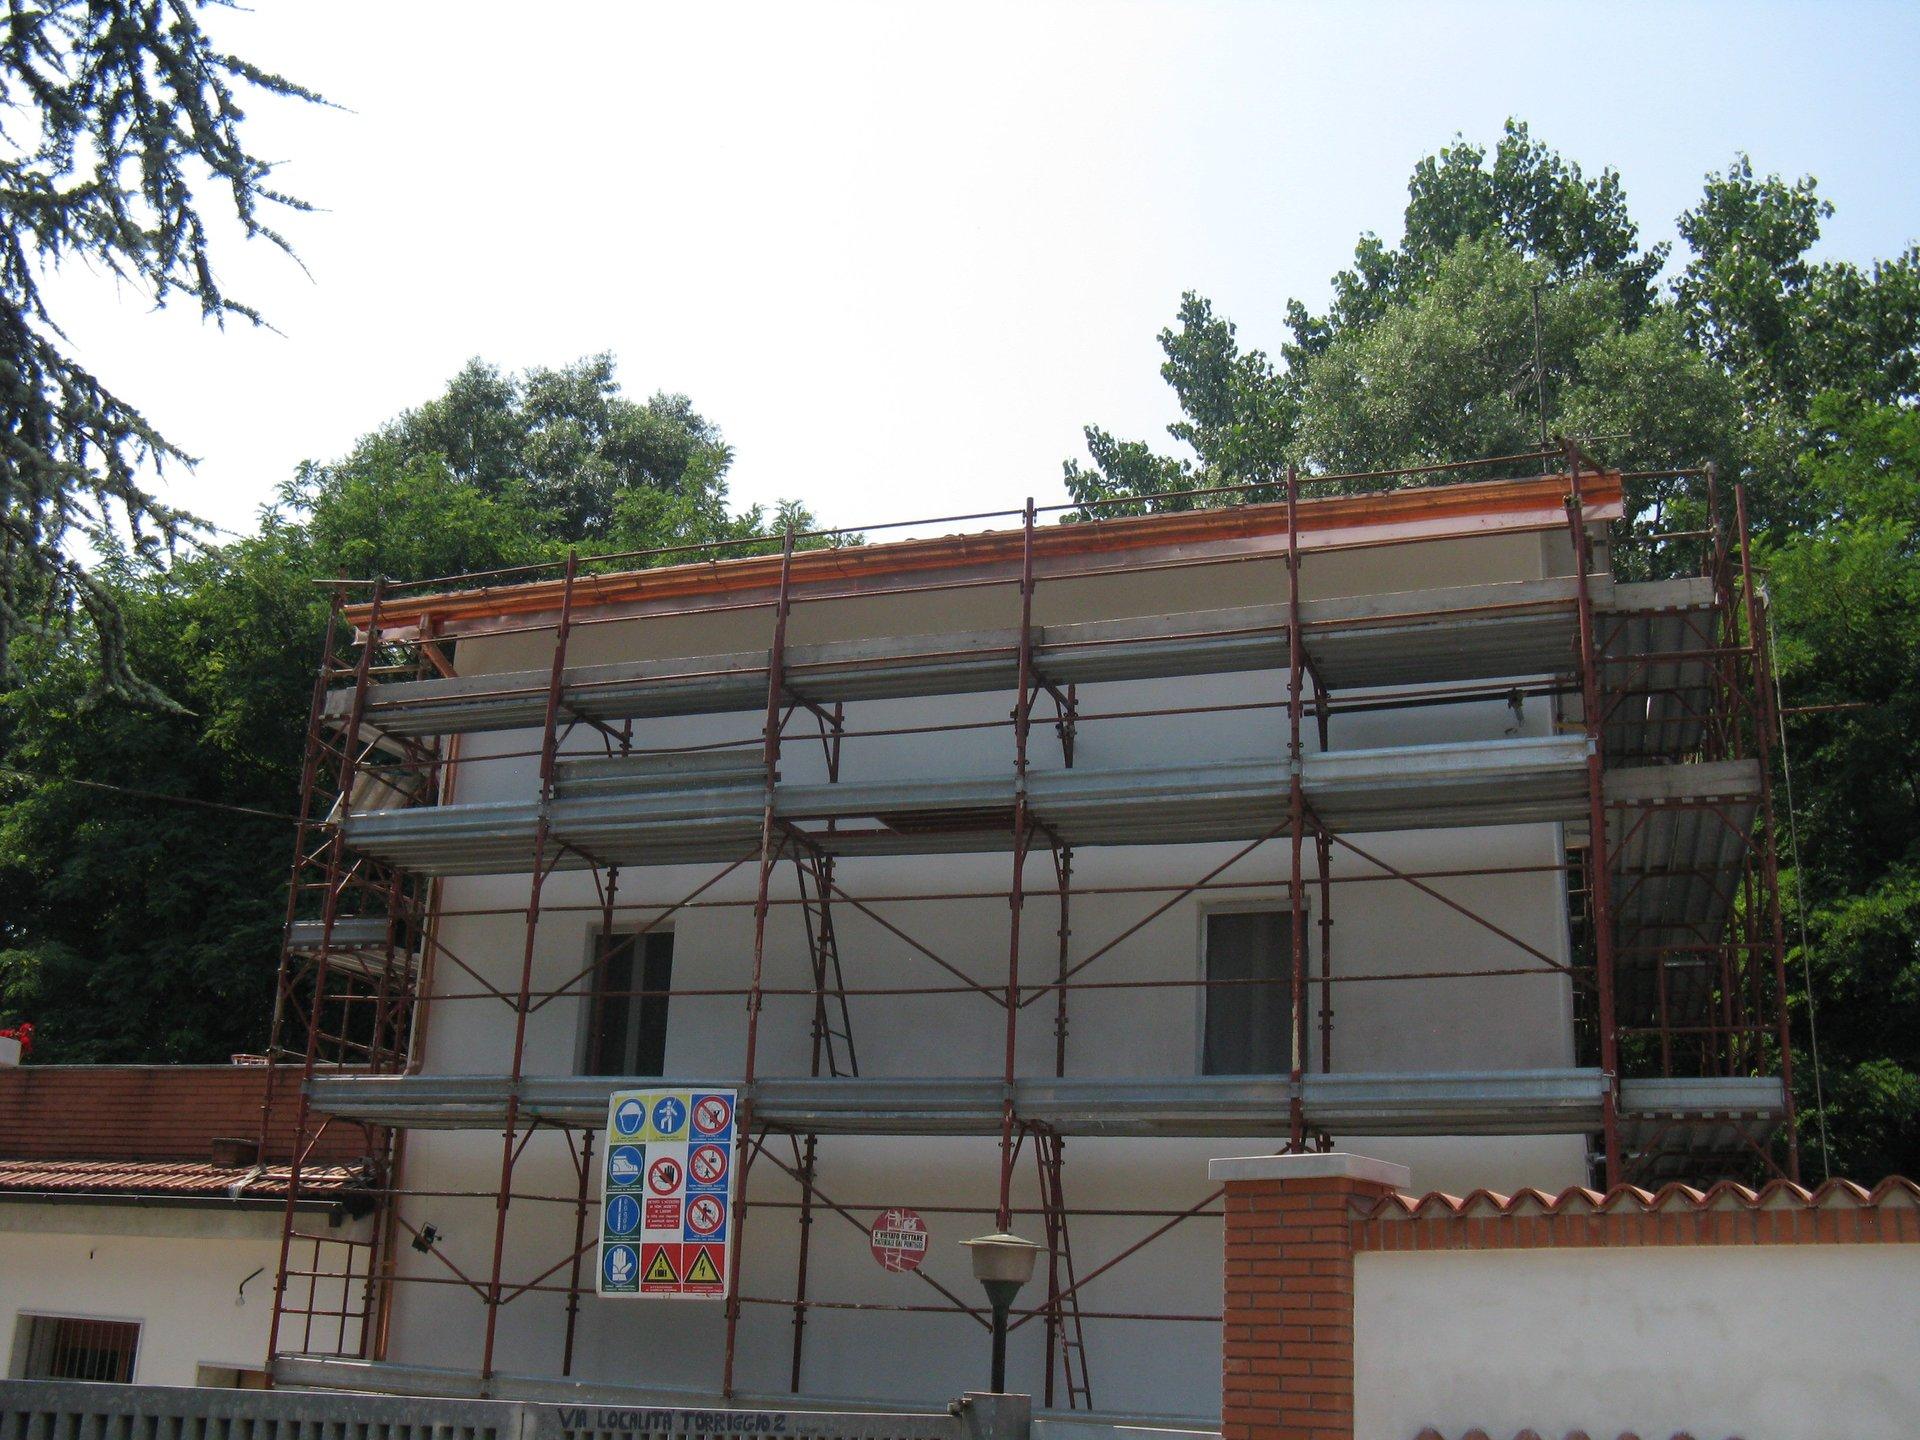 ponteggi in una casa per costruzione